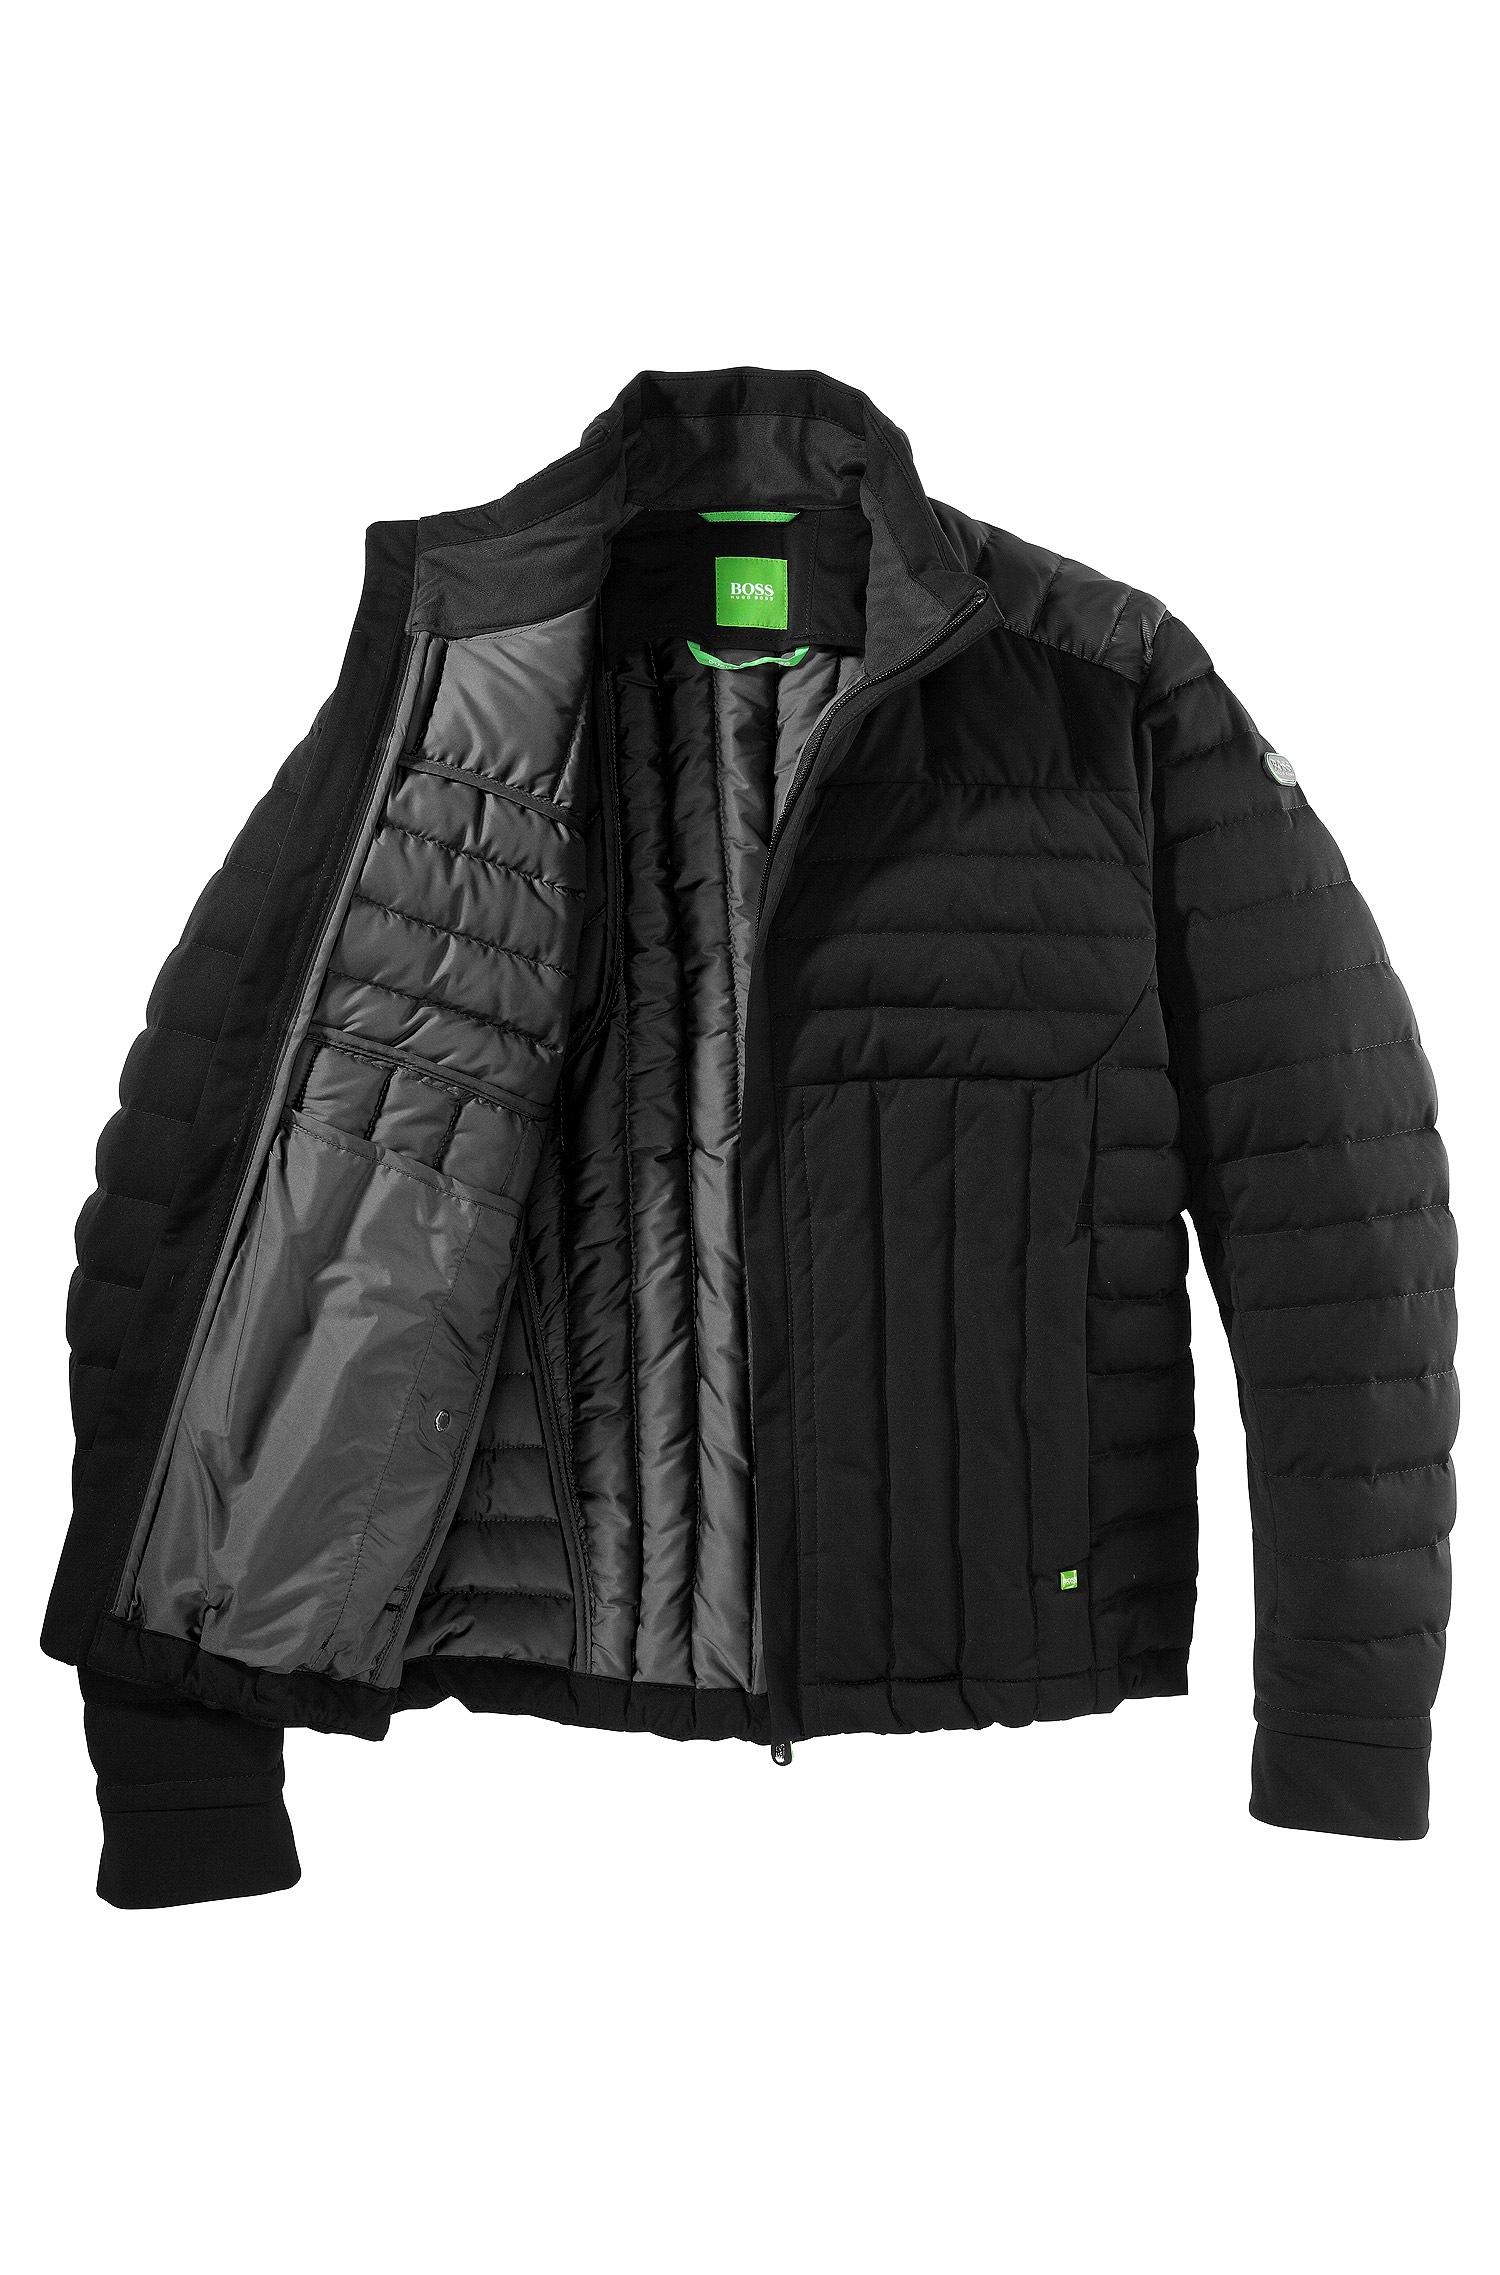 fadd71470a4 BOSS Green Down Jacket  Jessino  in Black for Men - Lyst